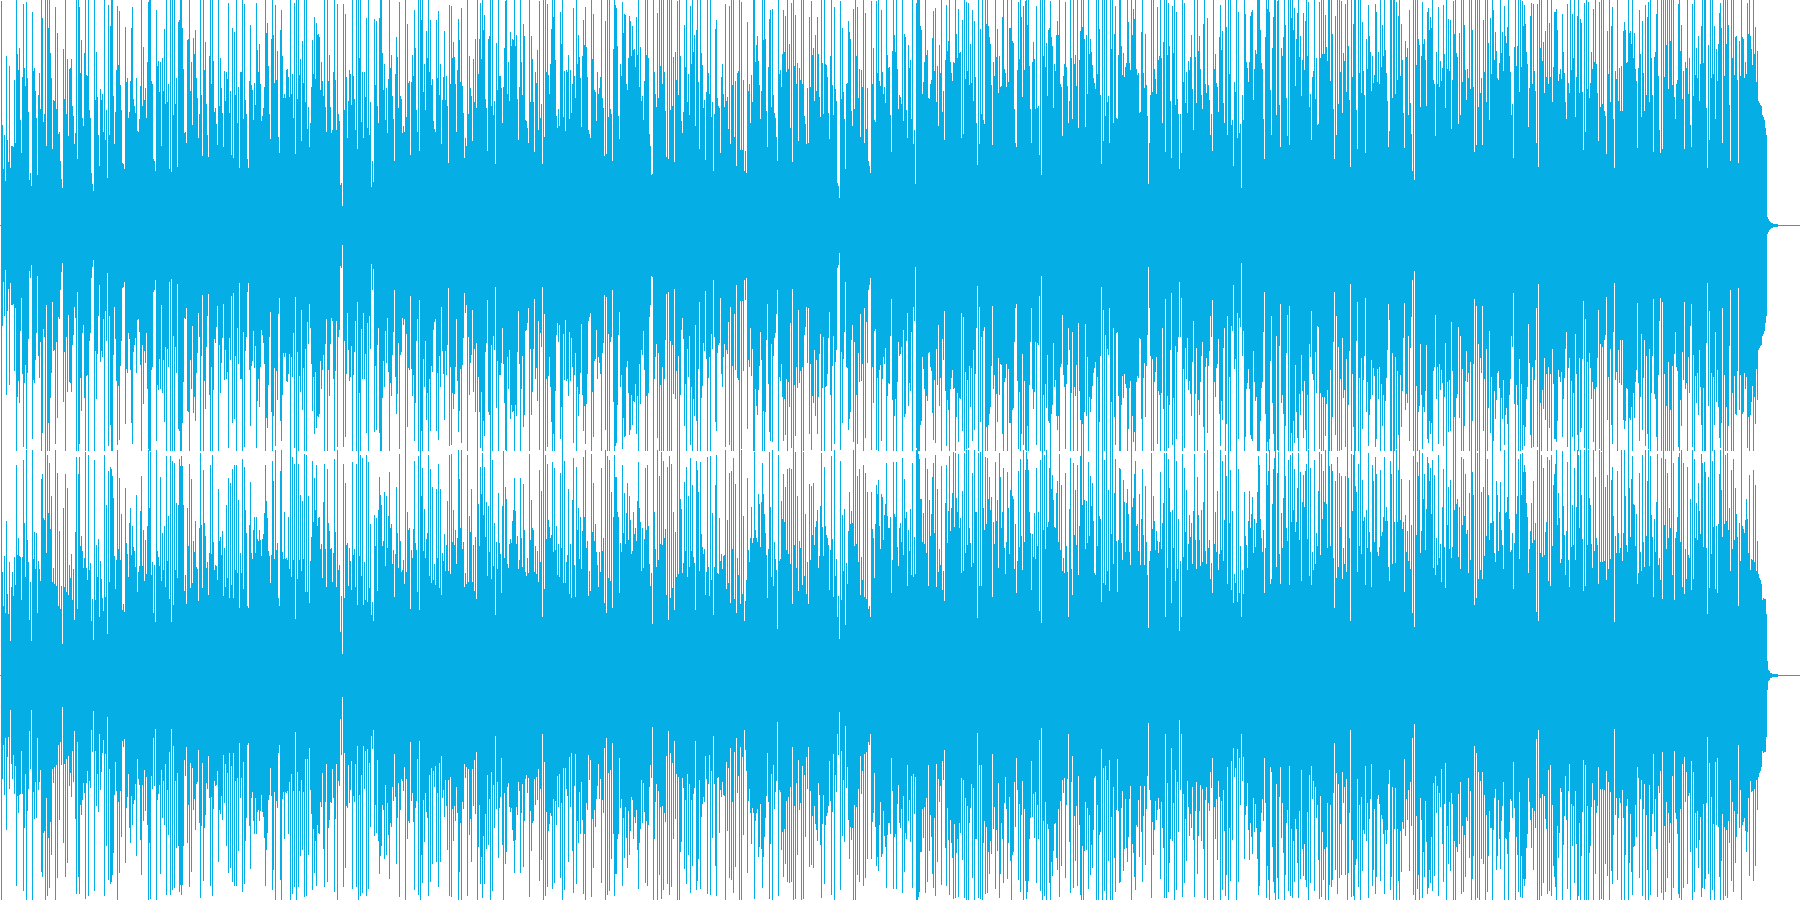 アコギメインの爽やかで軽快なフュージョンの再生済みの波形